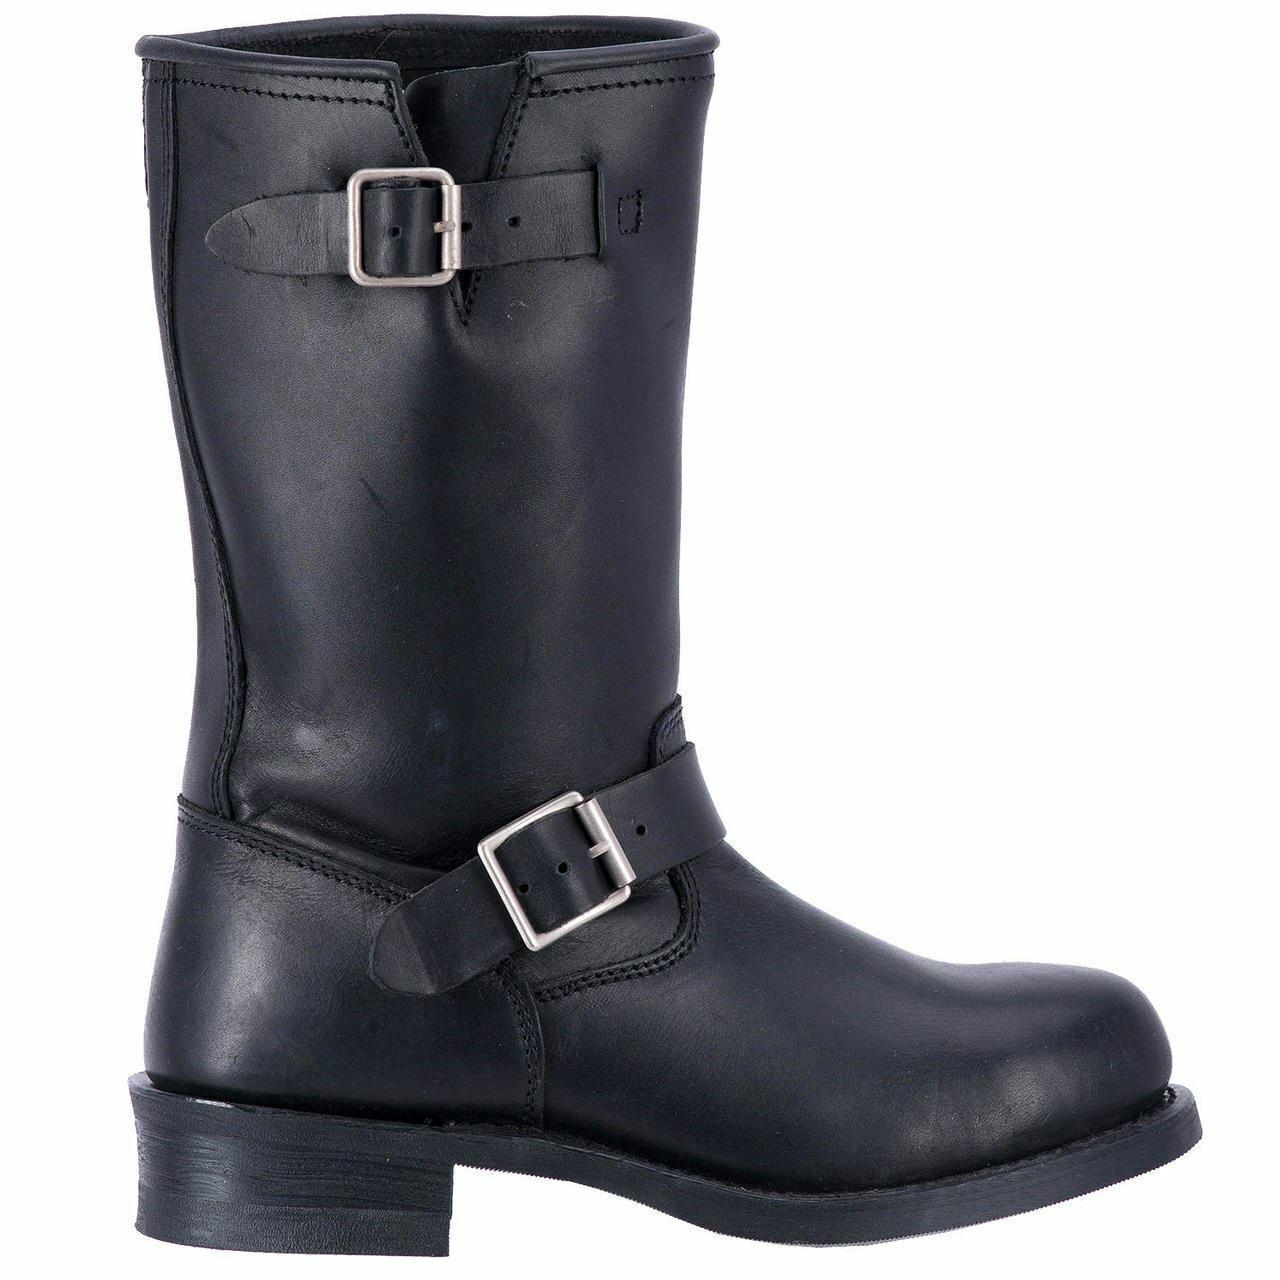 Dingo hombre cuero botas de vaquero occidental DI19040 Negro